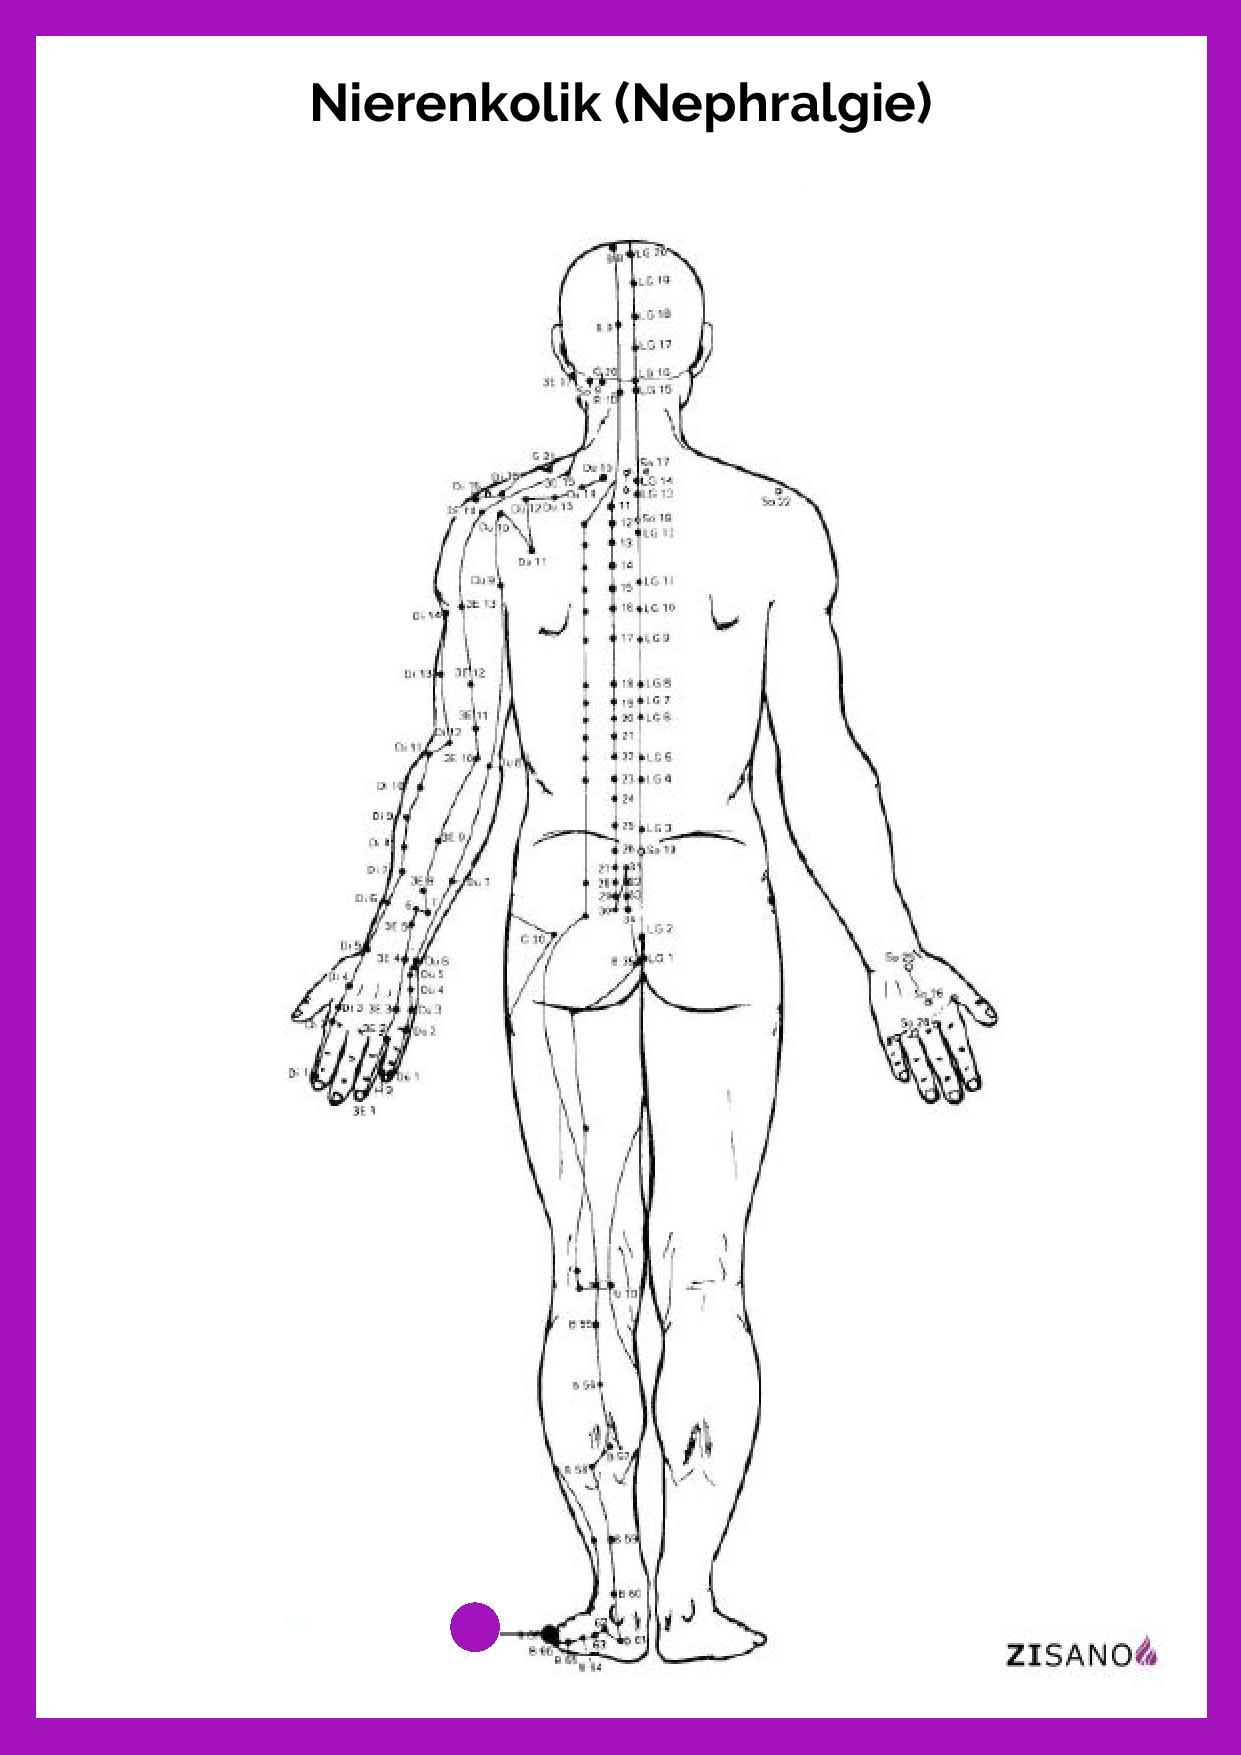 Meridiane - Nierenkolik - Nephralgie - Beschwerden